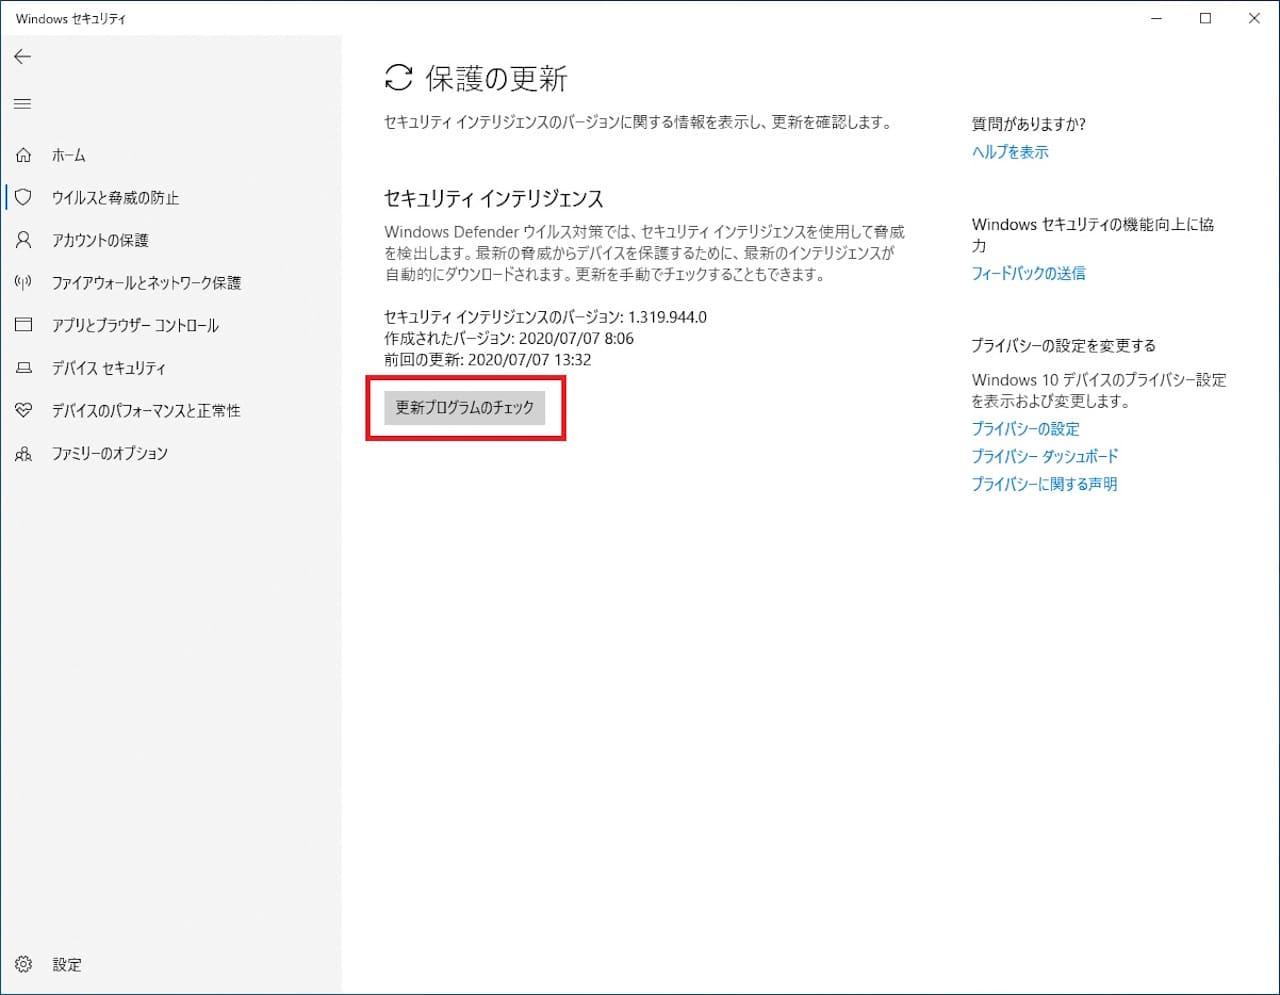 Windowsセキュリティの設定と更新方法⑨